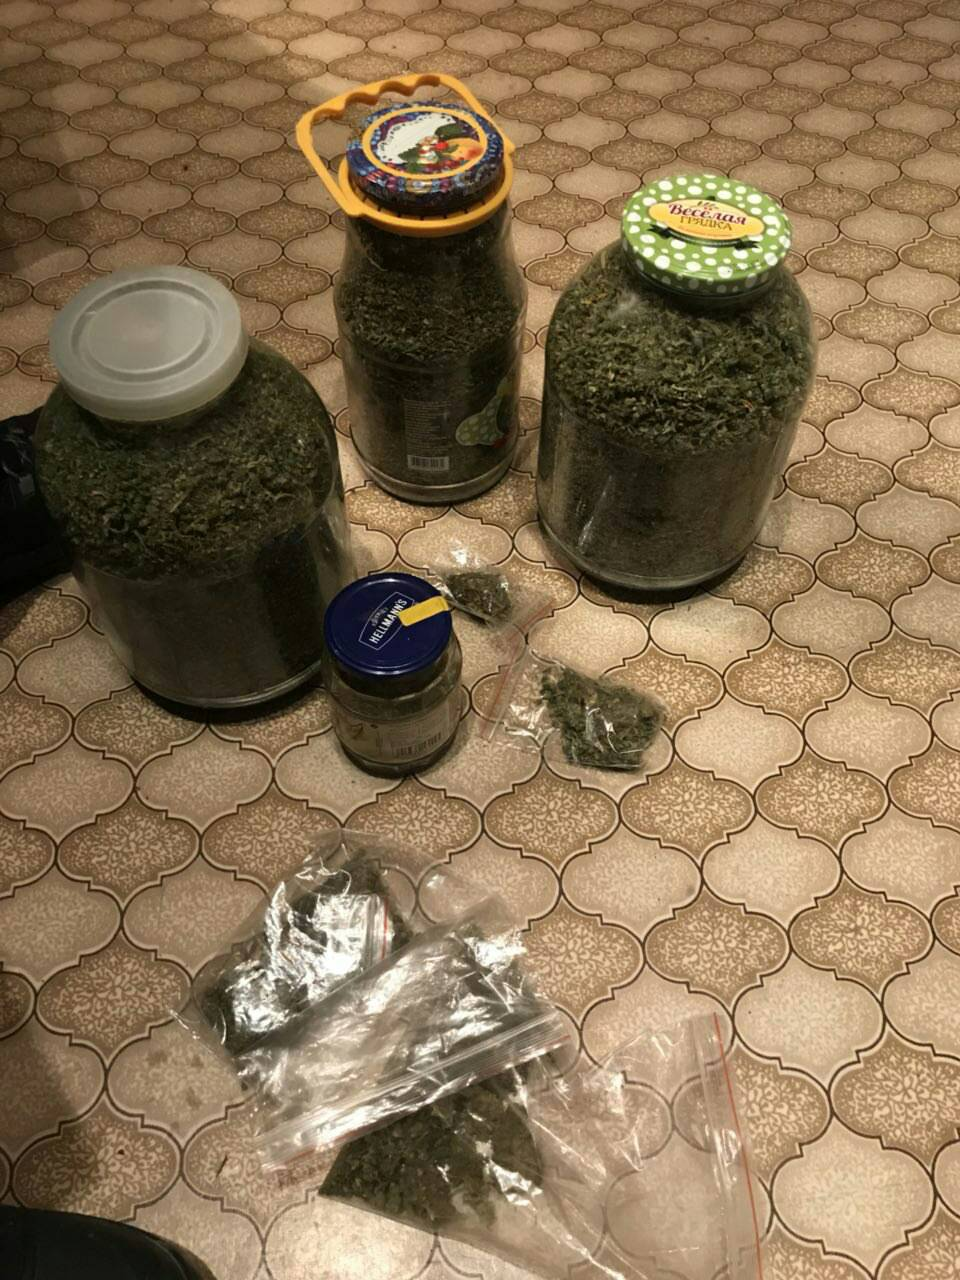 Вартовчанин хранил у себя дома 673 грамма марихуаны. Теперь может на всю жизнь отправиться в тюрьму